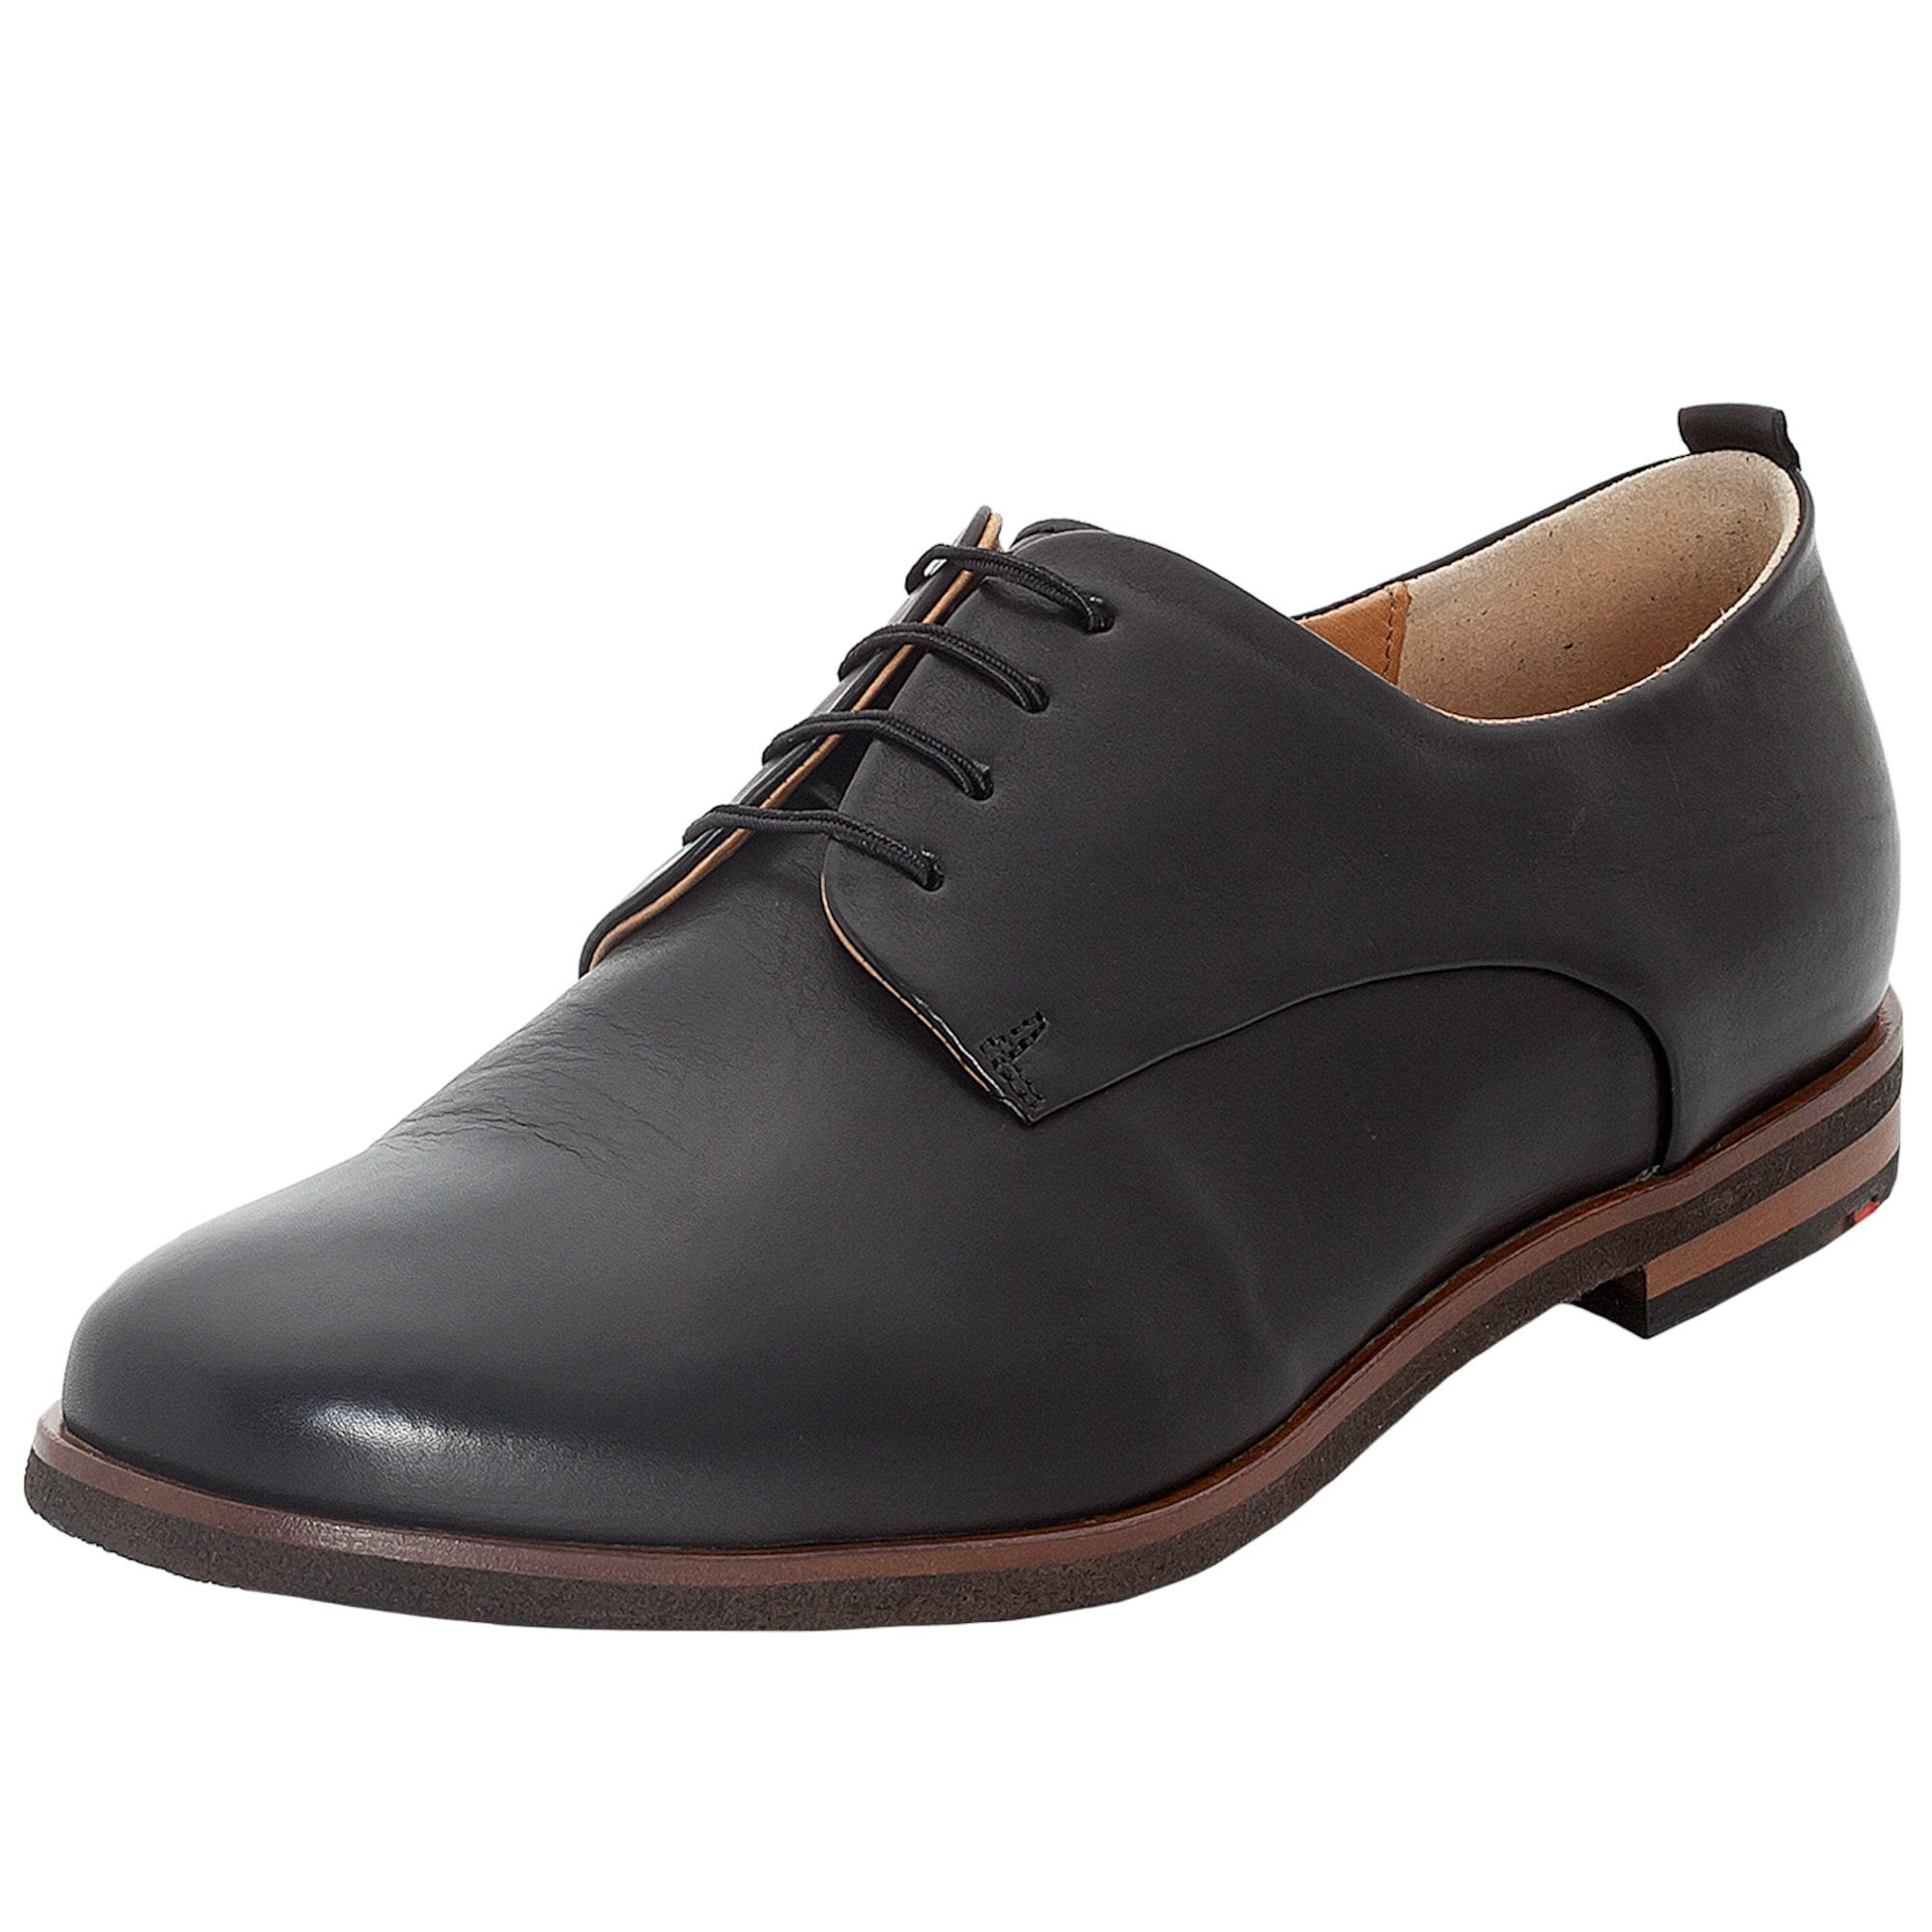 lloyd - Schuhe